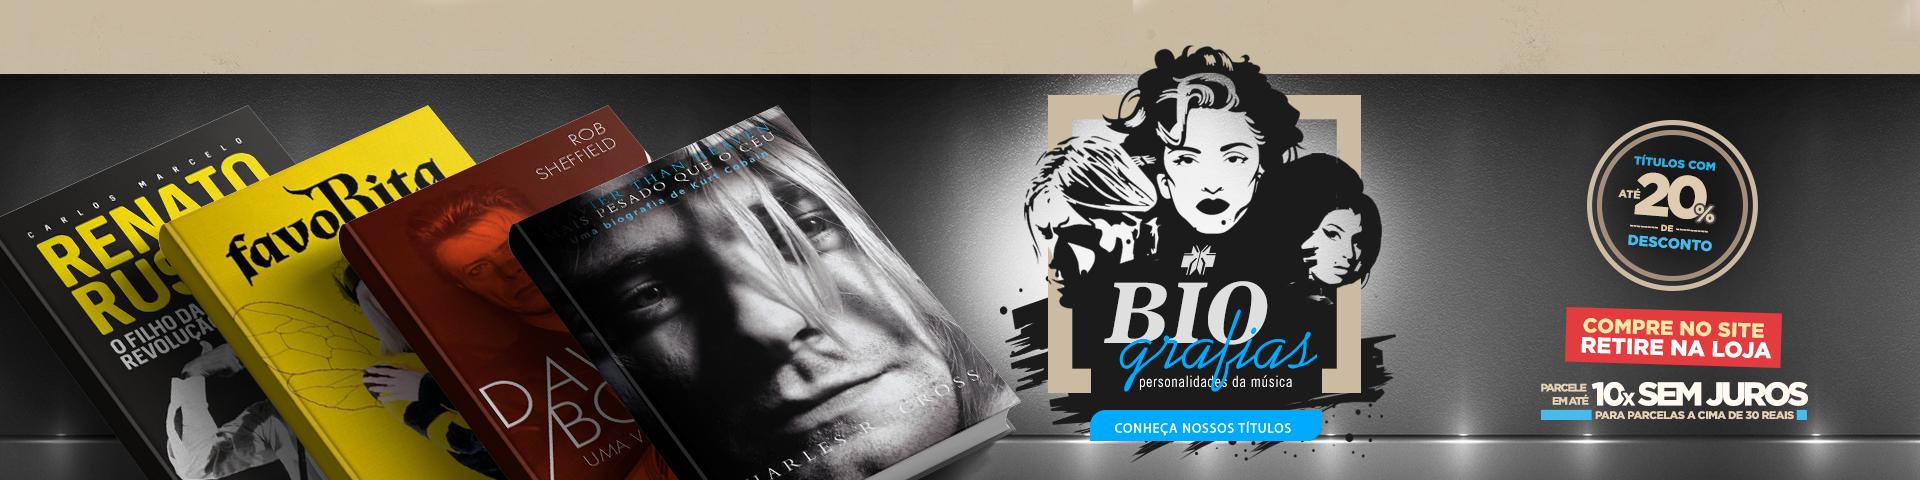 Biografias Personalidades da música